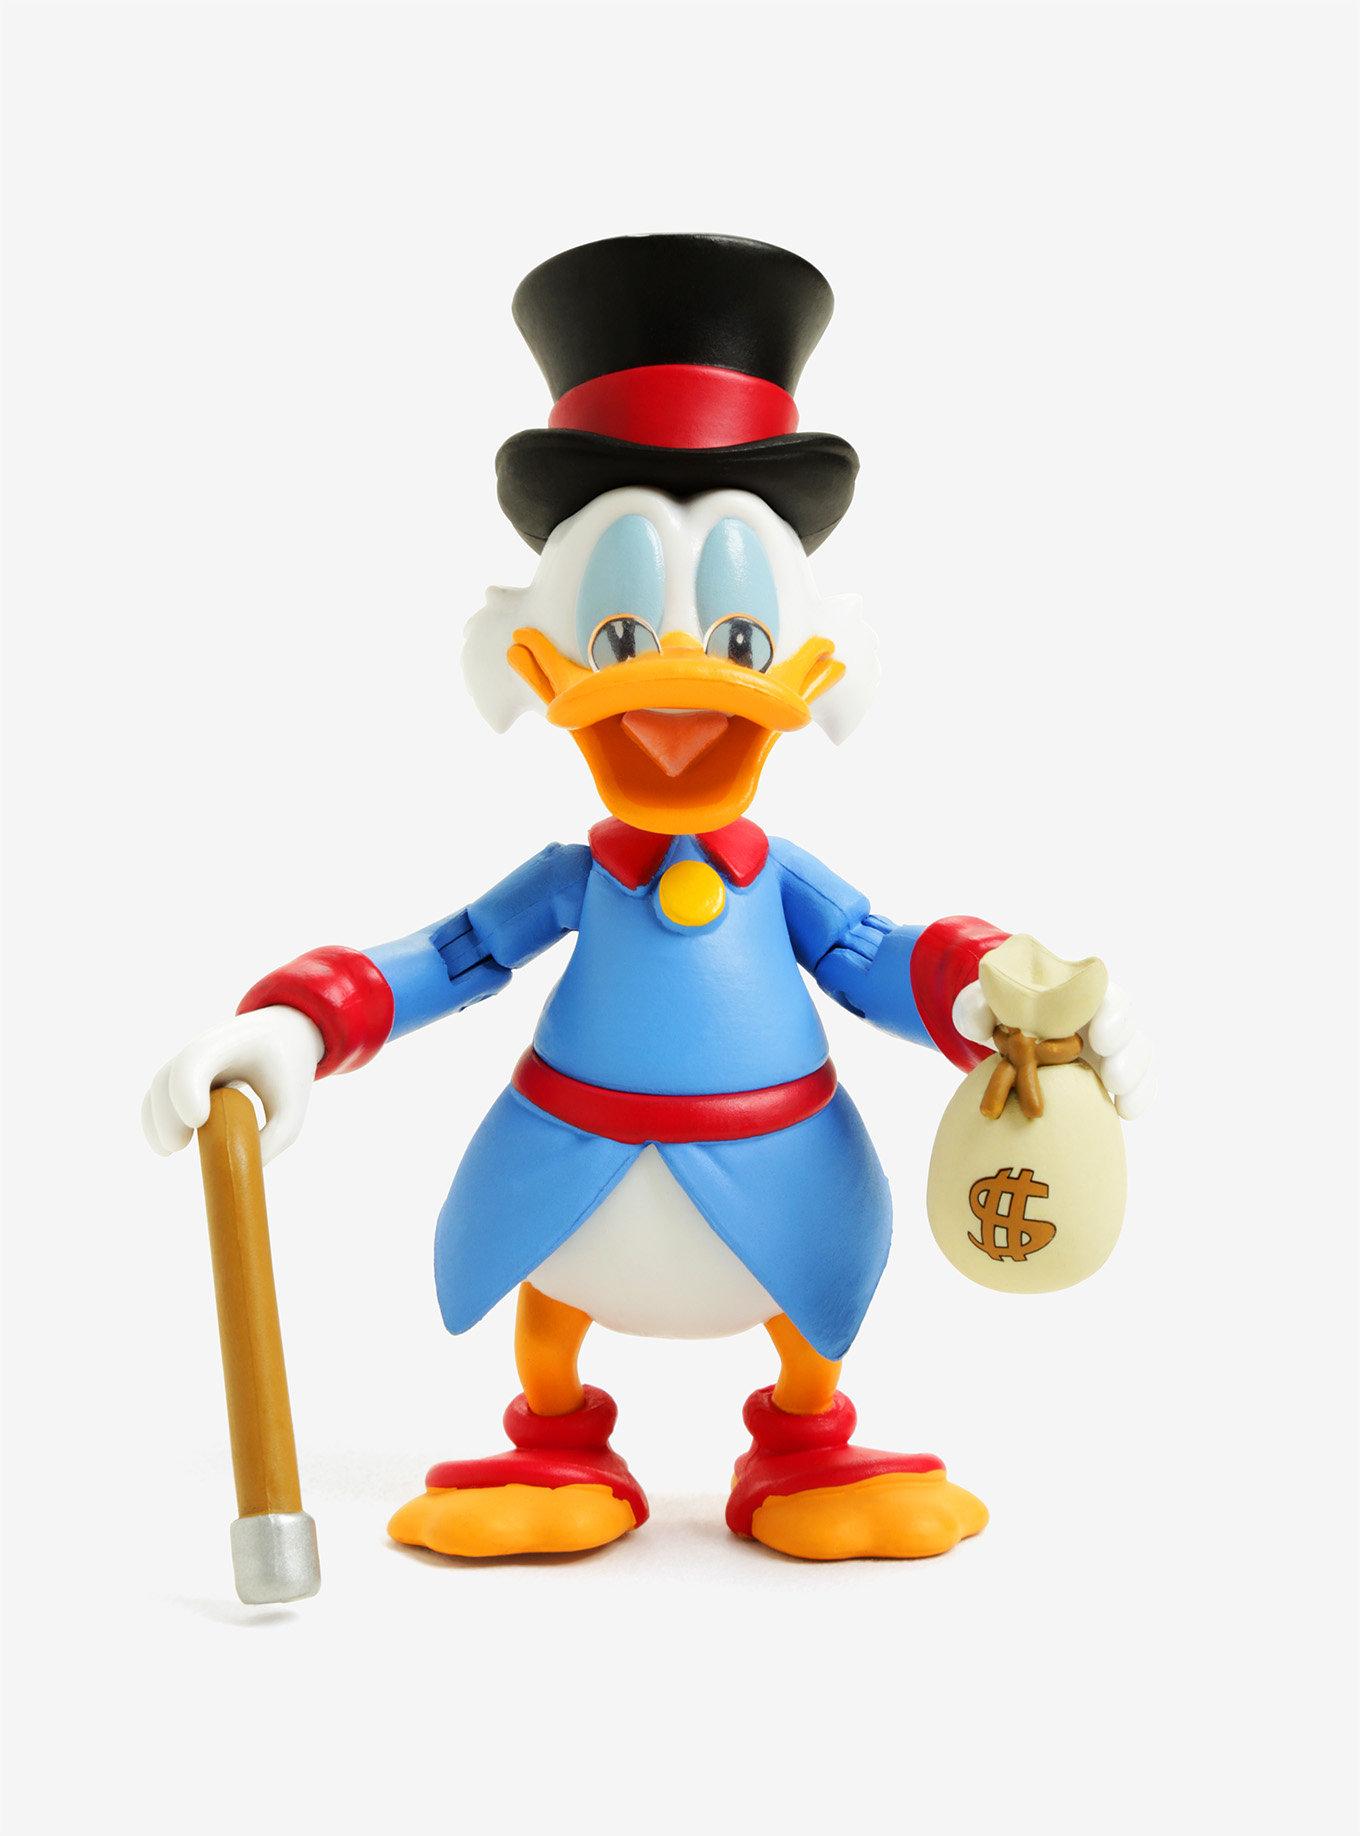 Funko Disney Ducktales Scrooge Mcduck Collectible